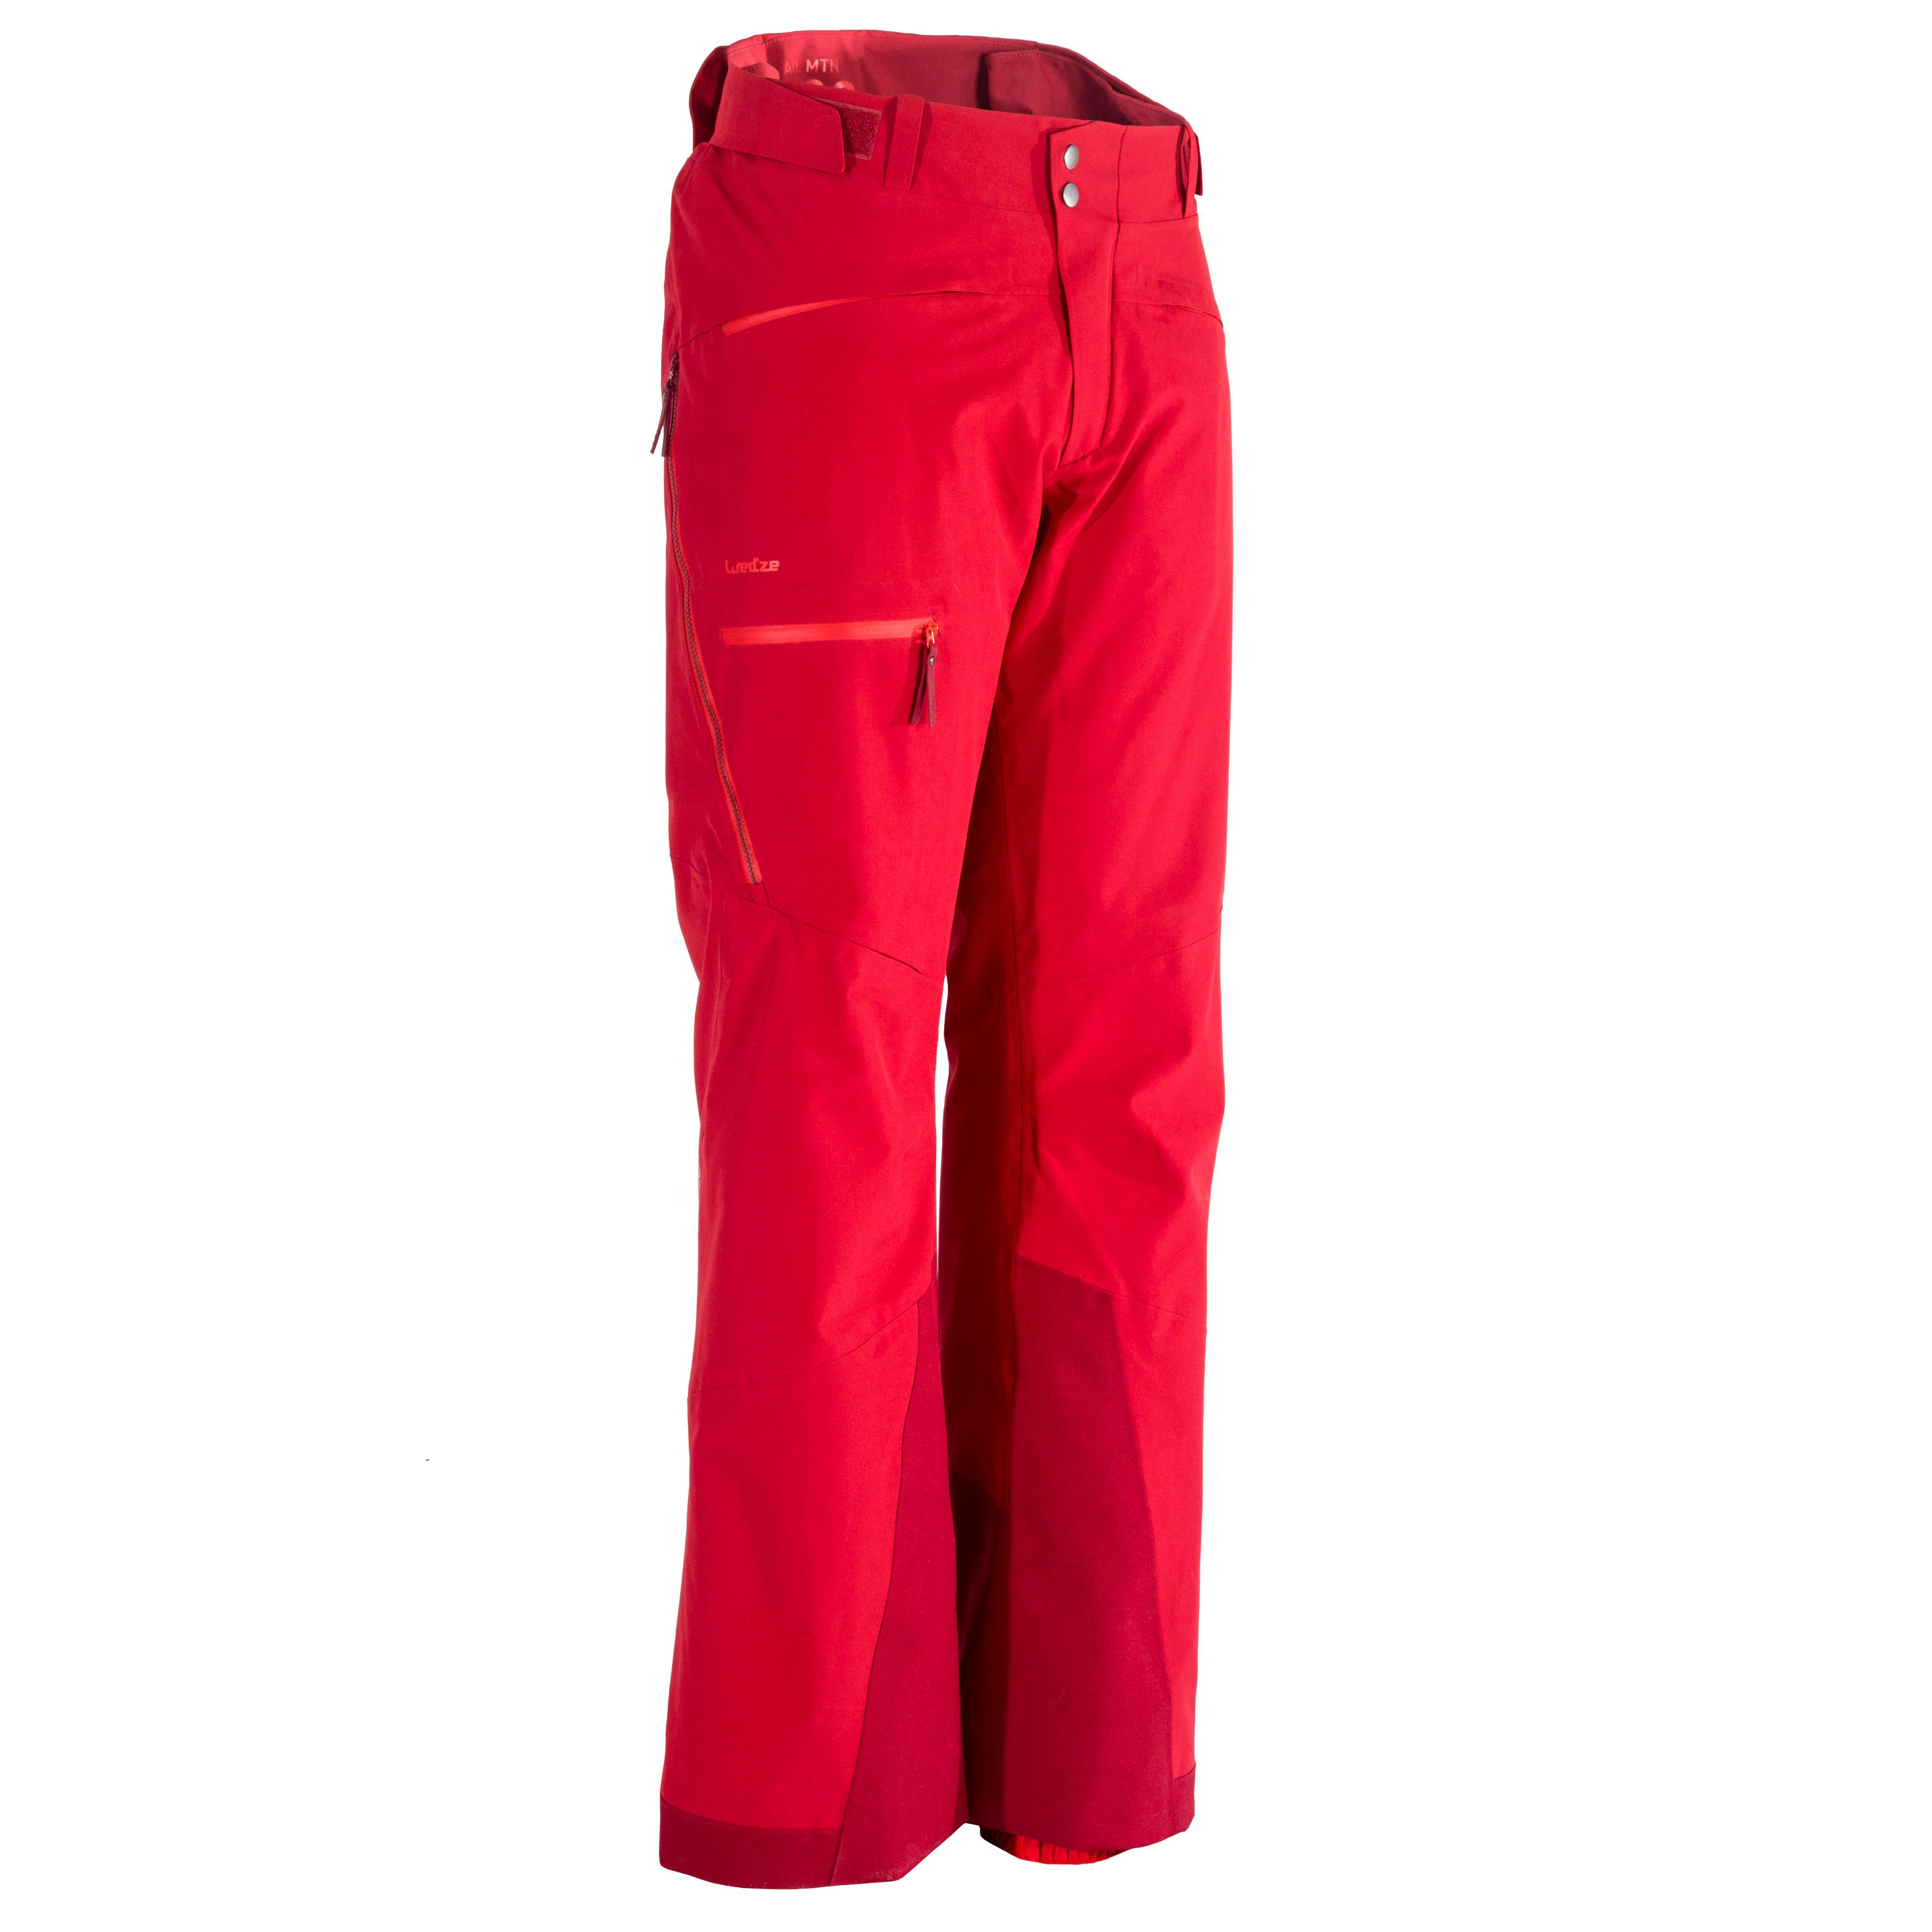 Pantalon de Ski toute montagne Homme AM900 Bordeaux